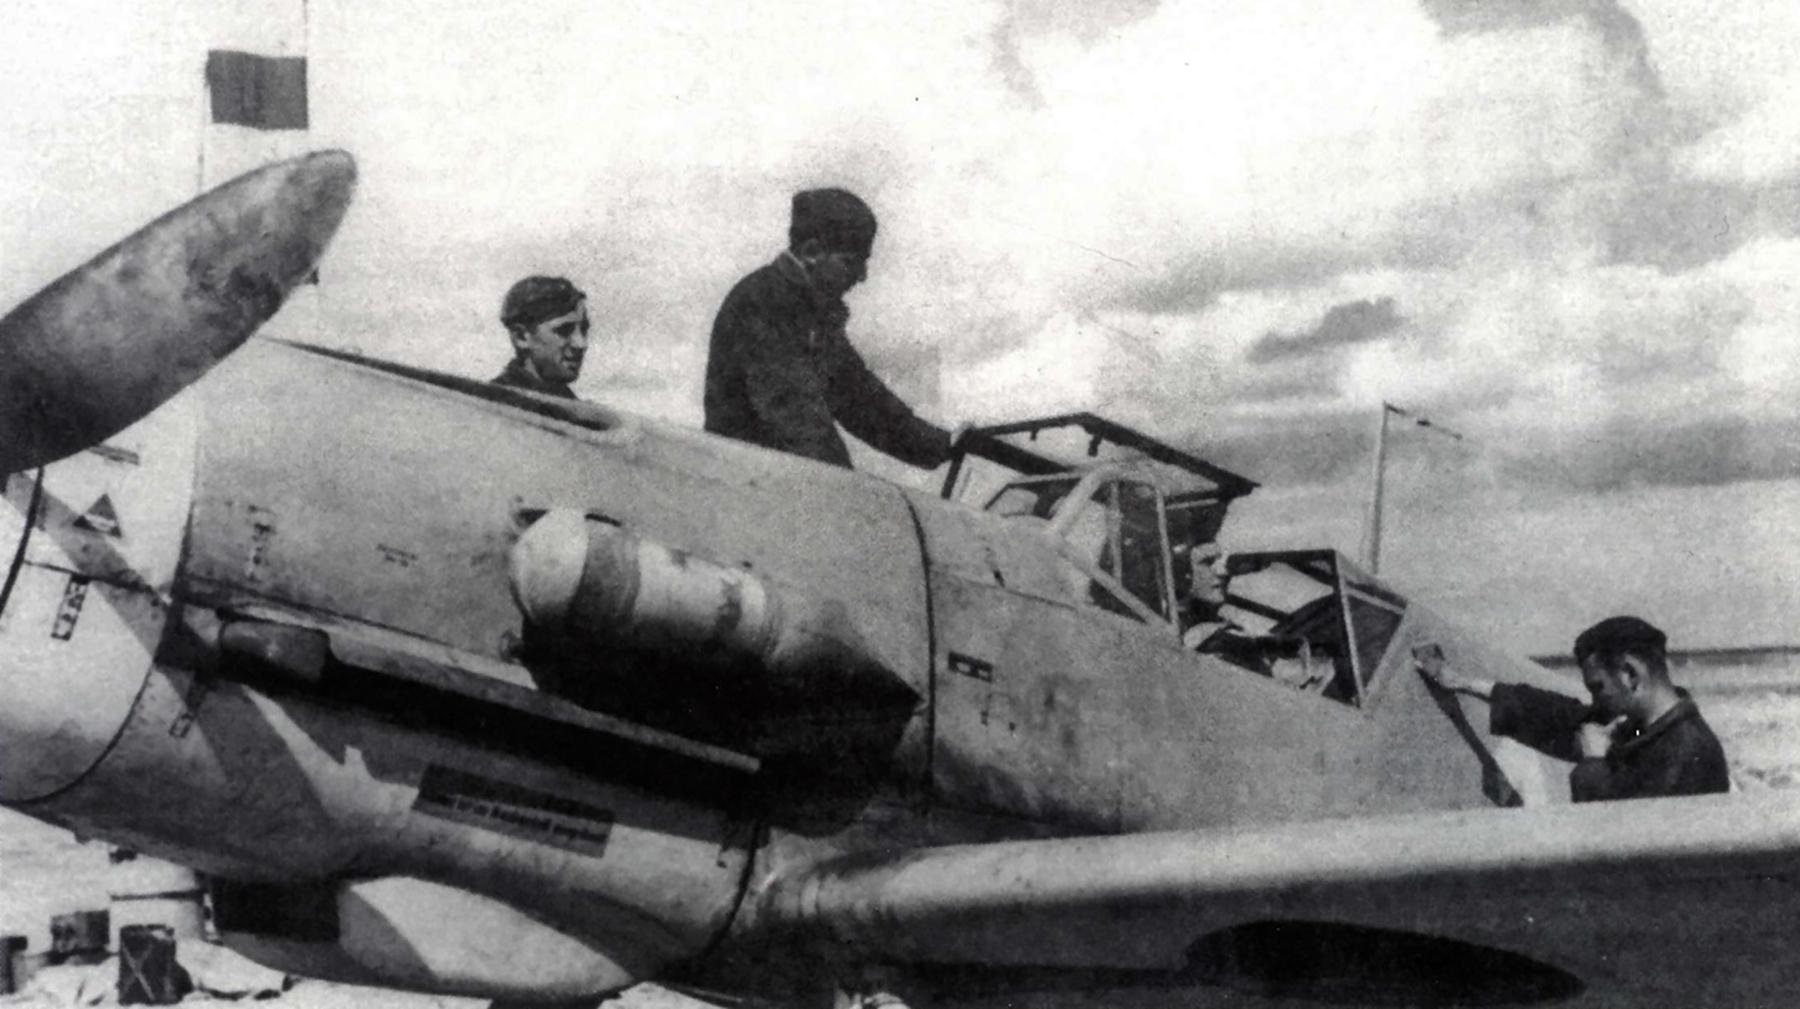 Messerschmitt Bf 109F4Trop 3.JG27 Yellow 14 Hans Joachim Marseille Martuba 1942 03